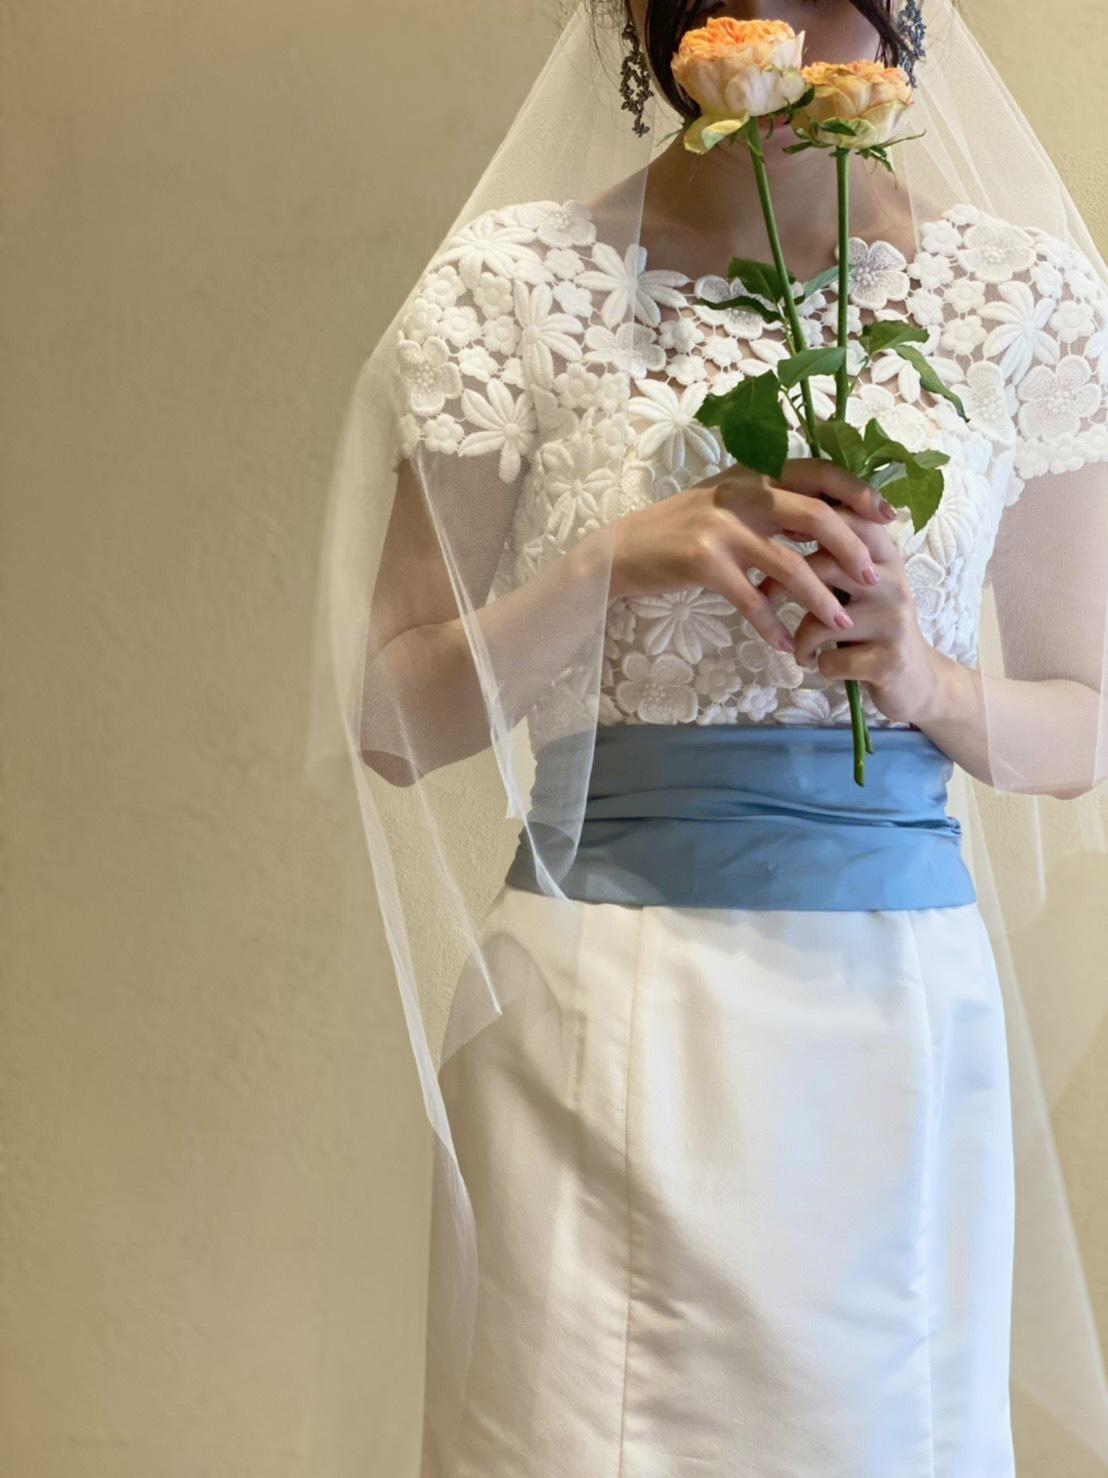 ザ・ガーデンオリエンタル大阪におすすめのギュピールレースとブルーリボンが付いたマーメイドドレス